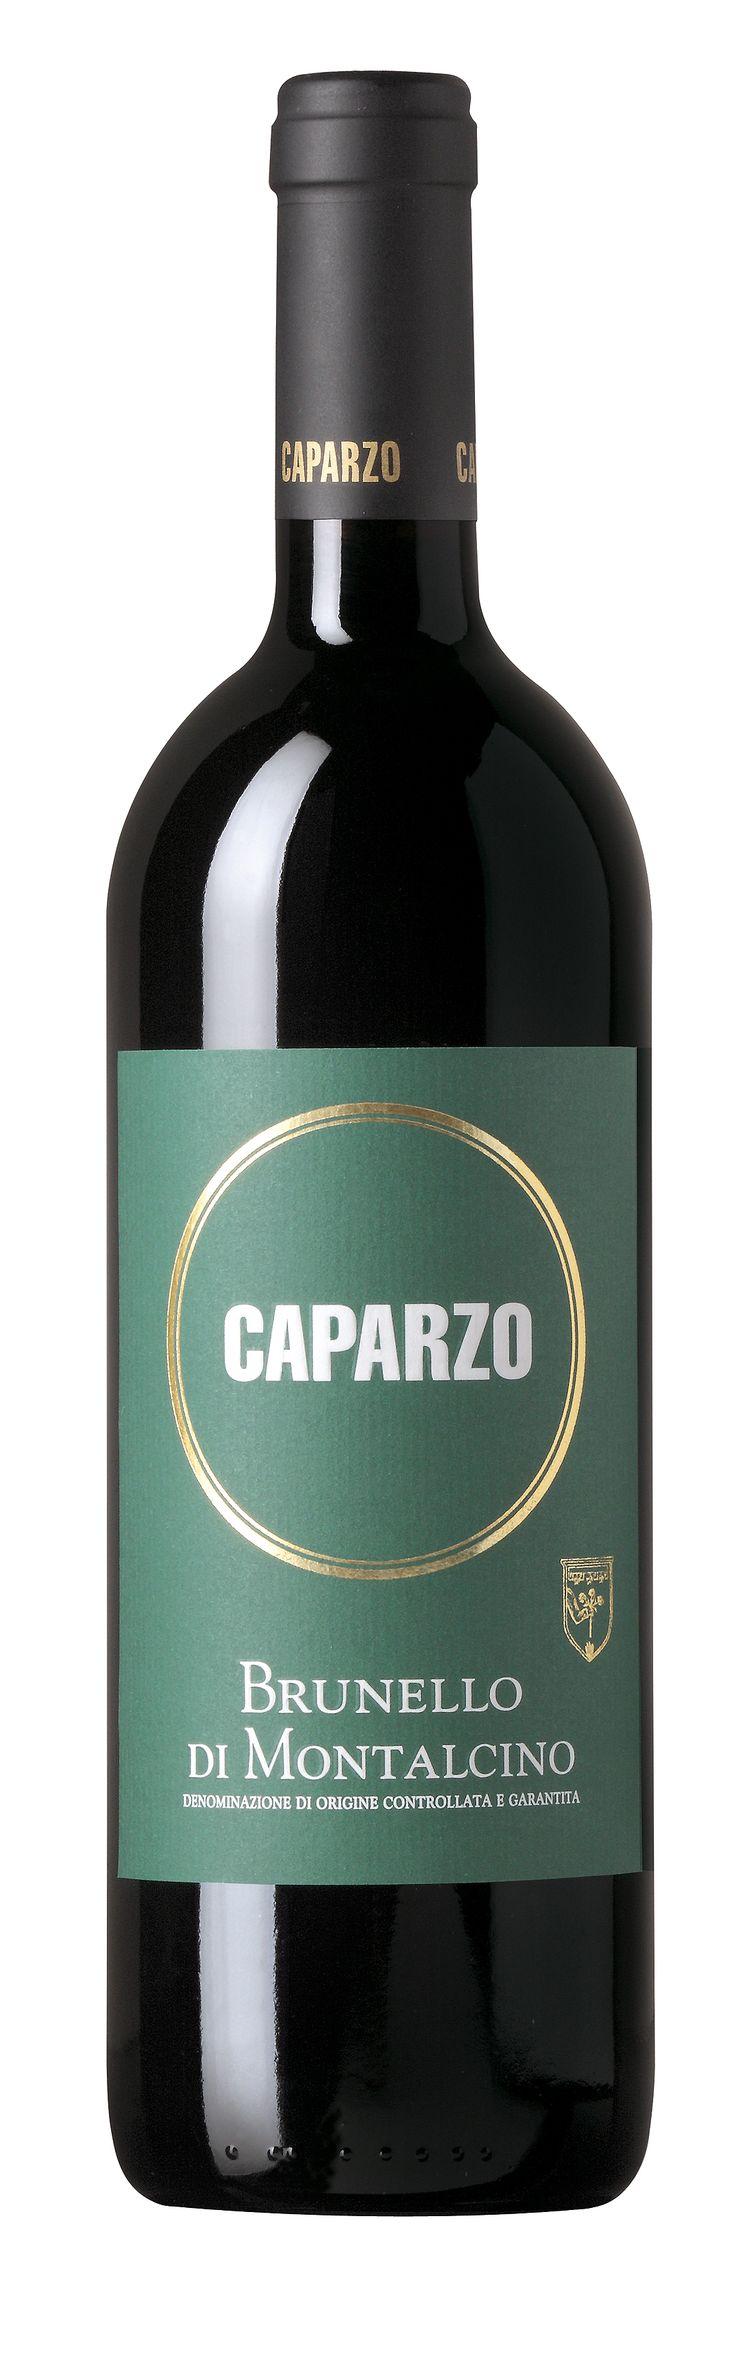 Wine Spectator Wine of the Day Caparzo Brunello di Montalcino 2008